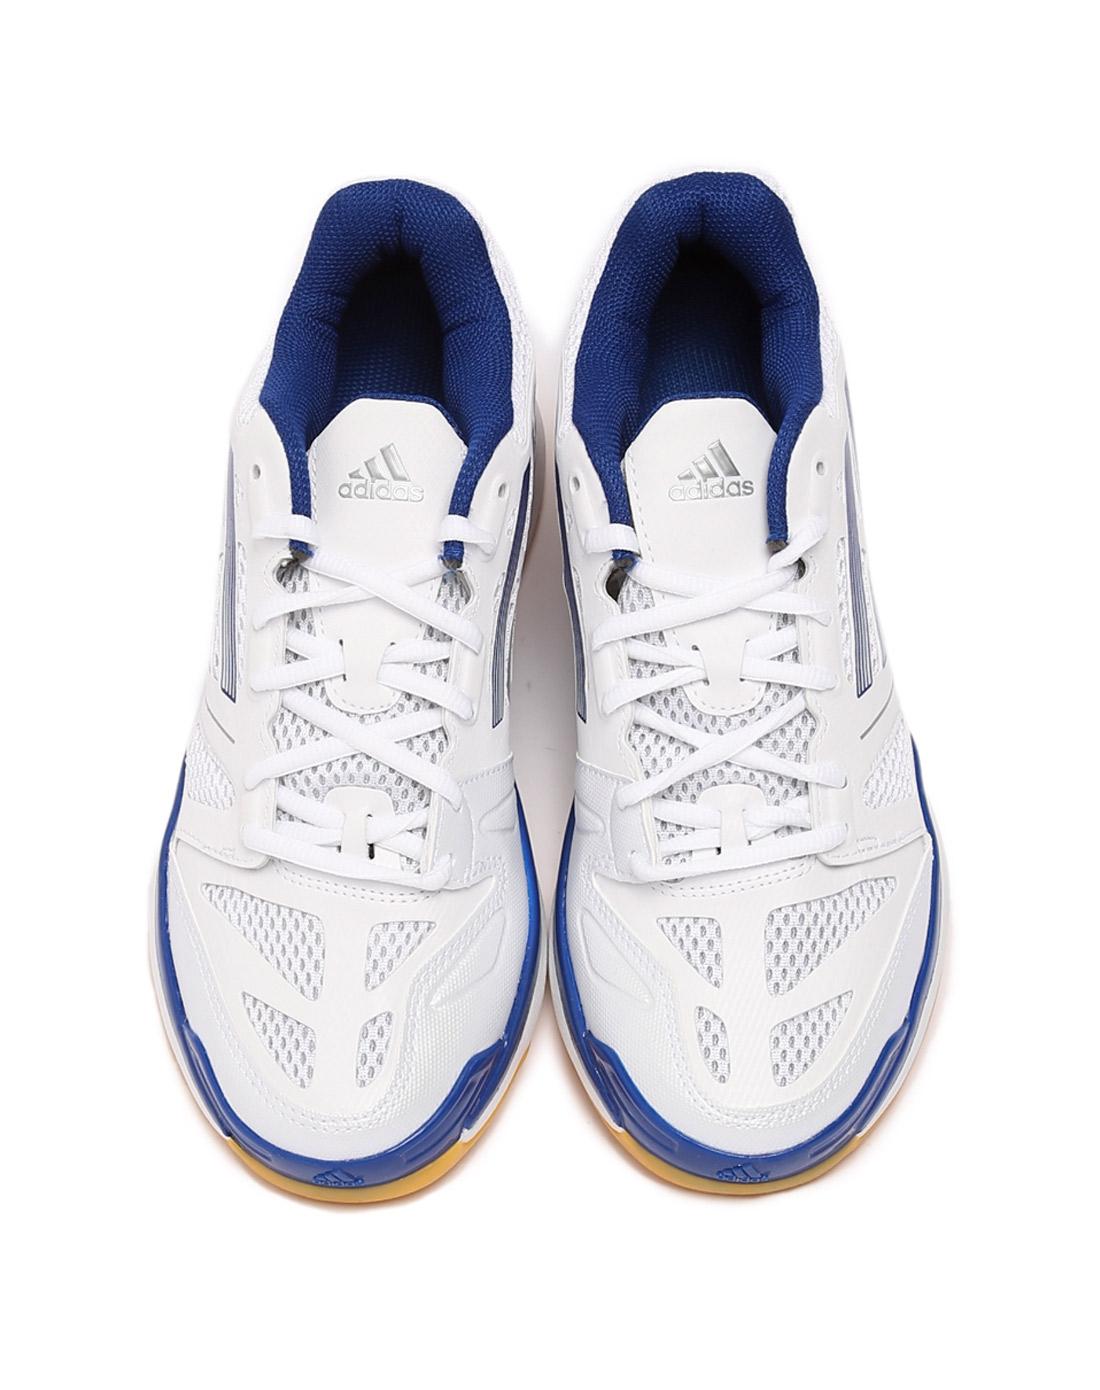 阿迪达斯adidas男鞋专场-男子白色室内鞋